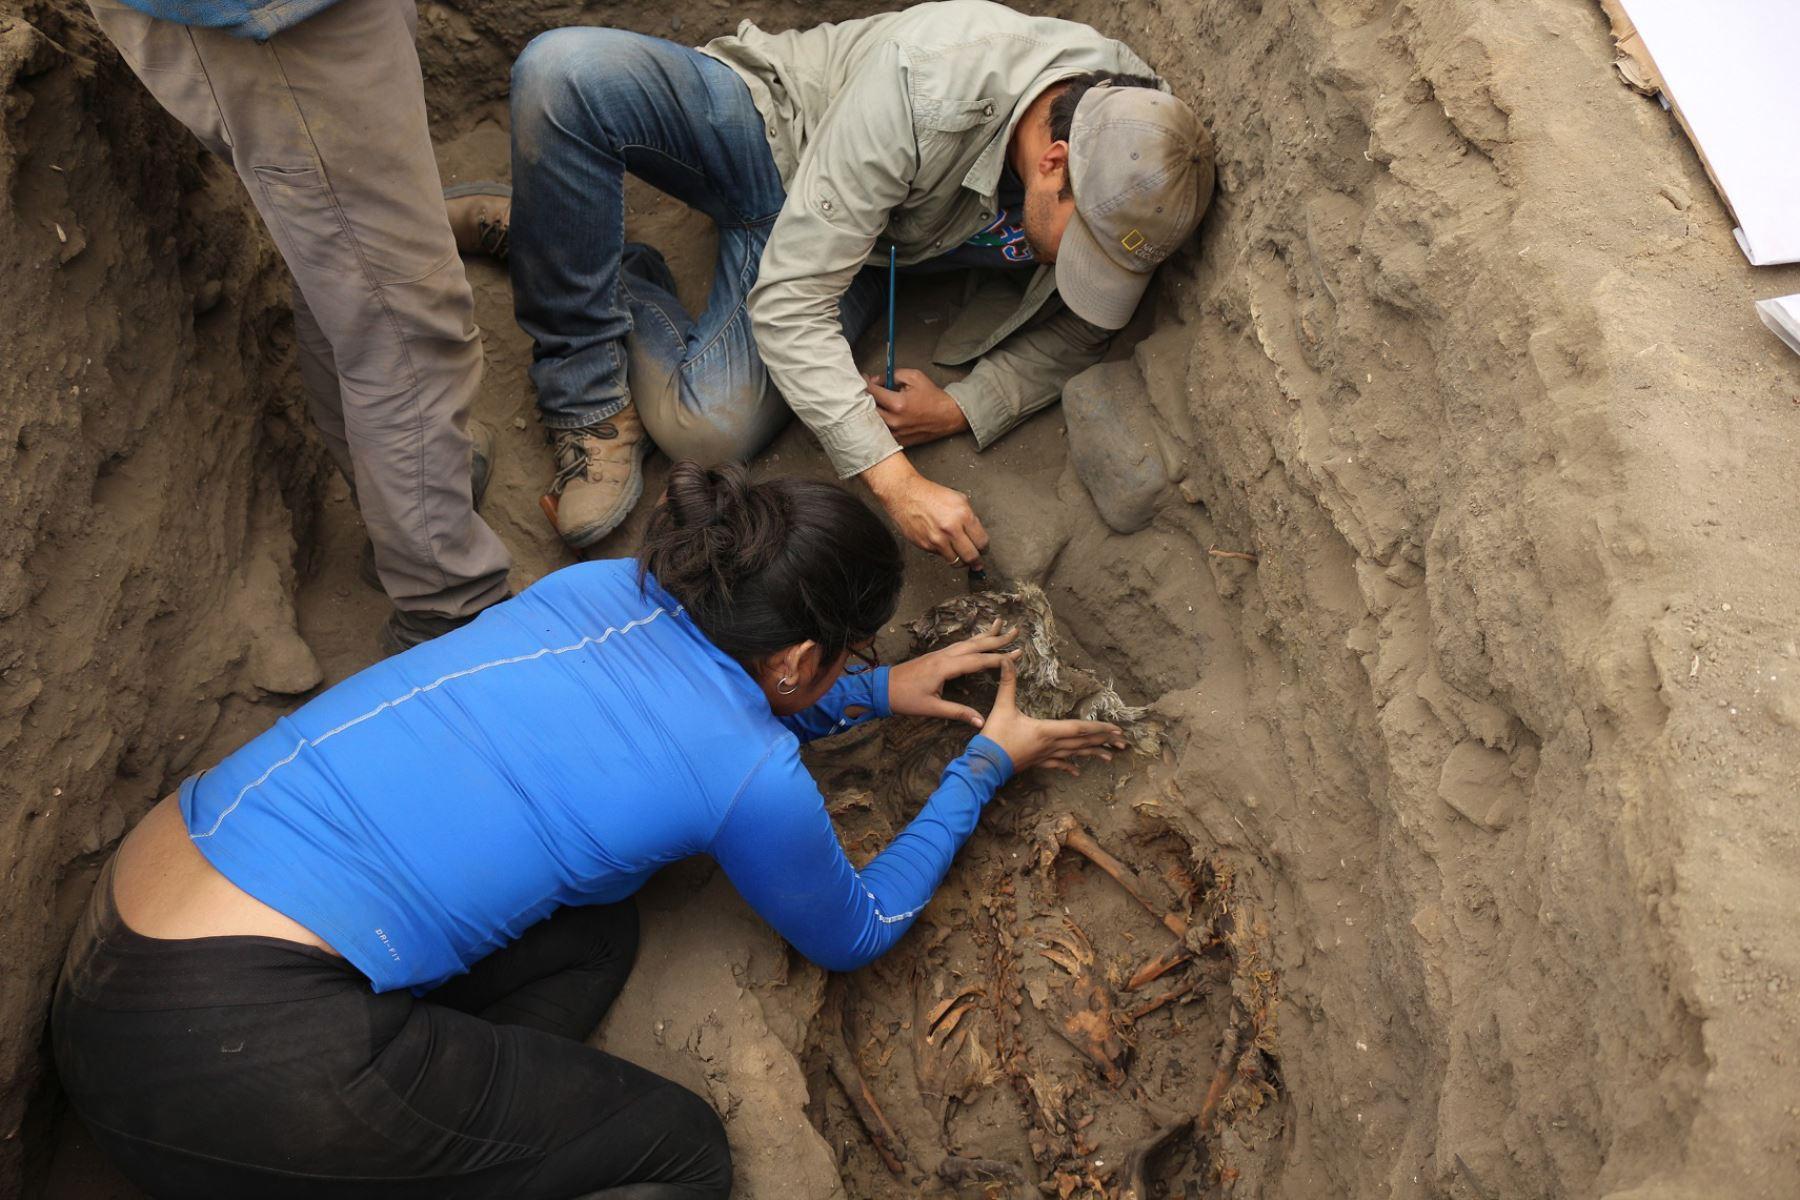 Un equipo de jóvenes arqueólogos peruanos participaron en el hallazgo del sacrificio y entierro masivo de niños de la cultura Chimú.